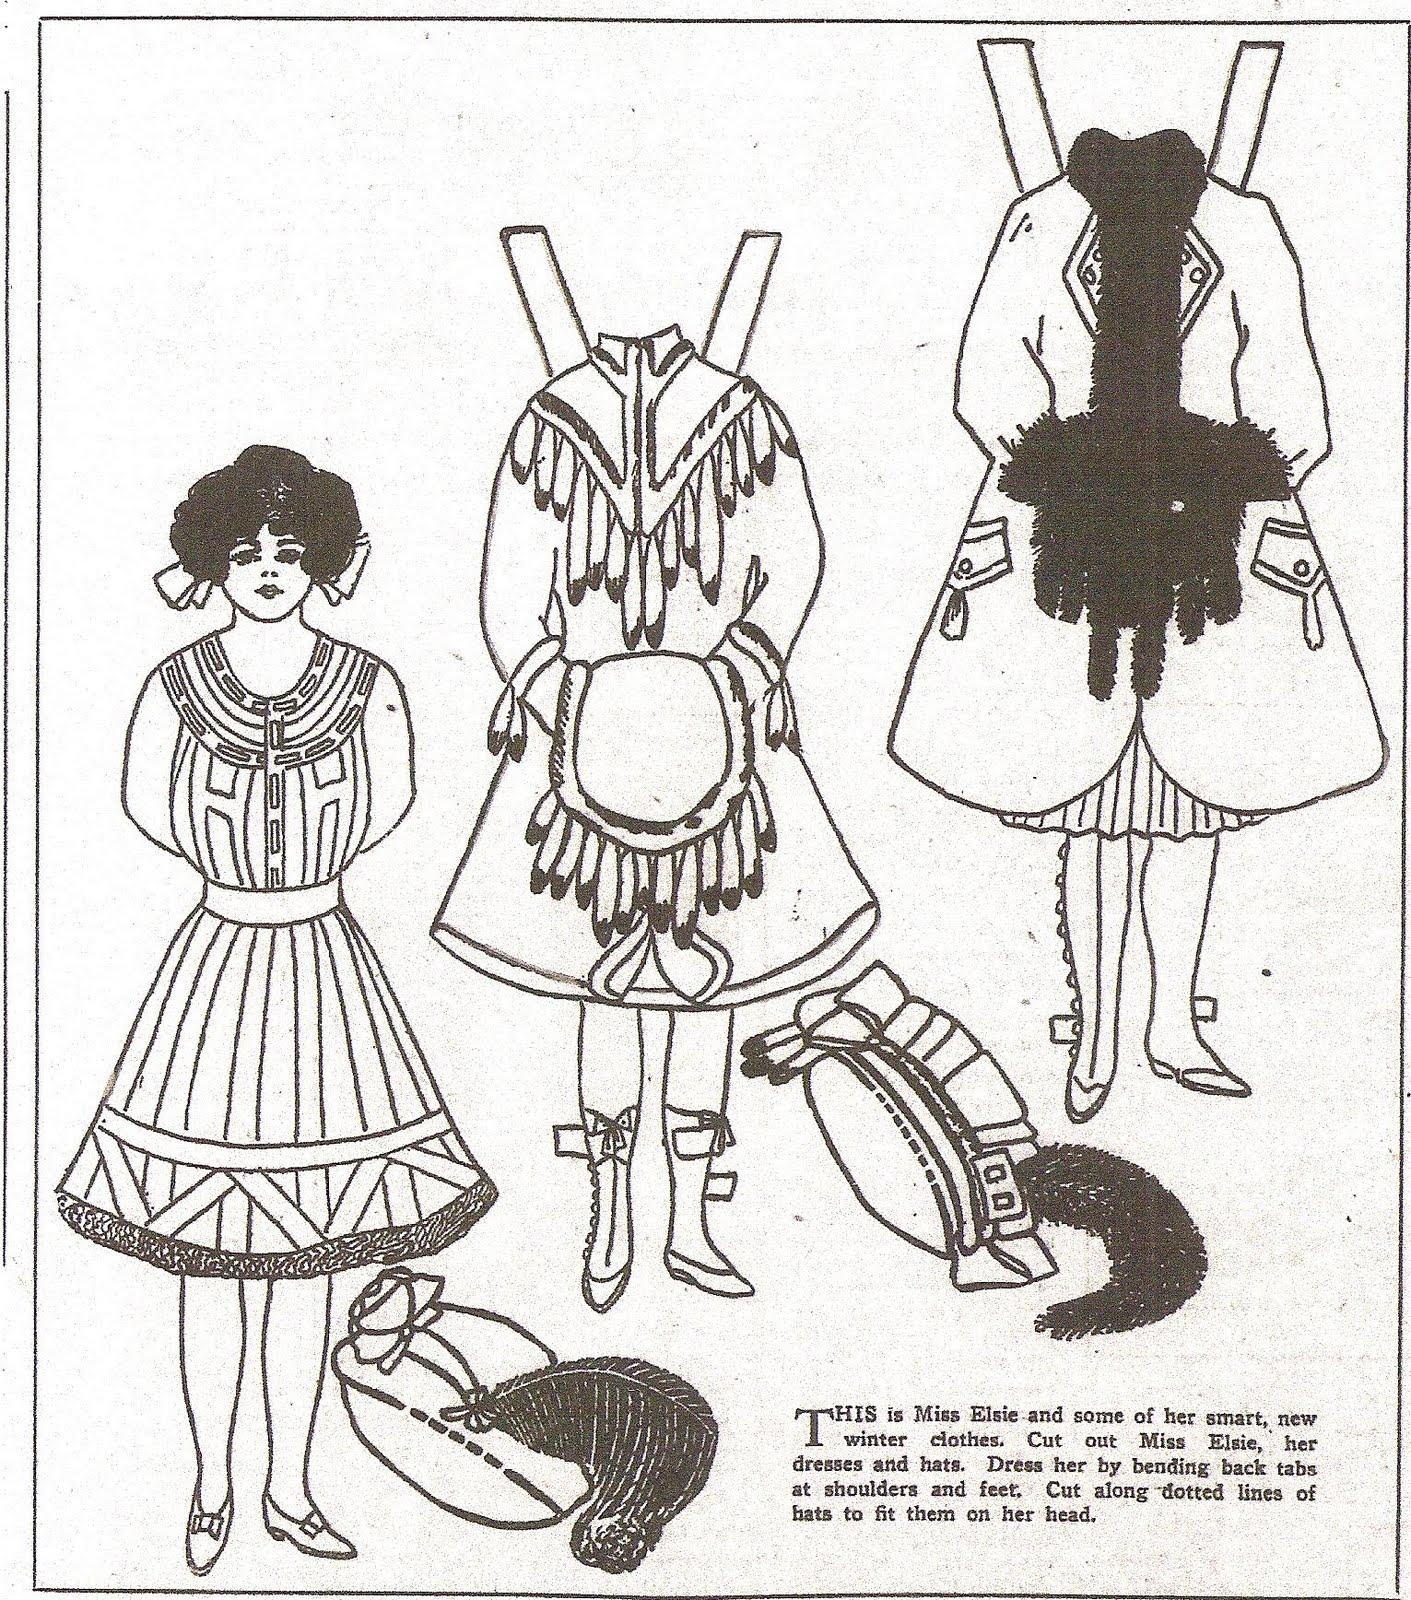 Paper Dolls Winter Clothes http://mostlypaperdolls.blogspot.com/2011 ...